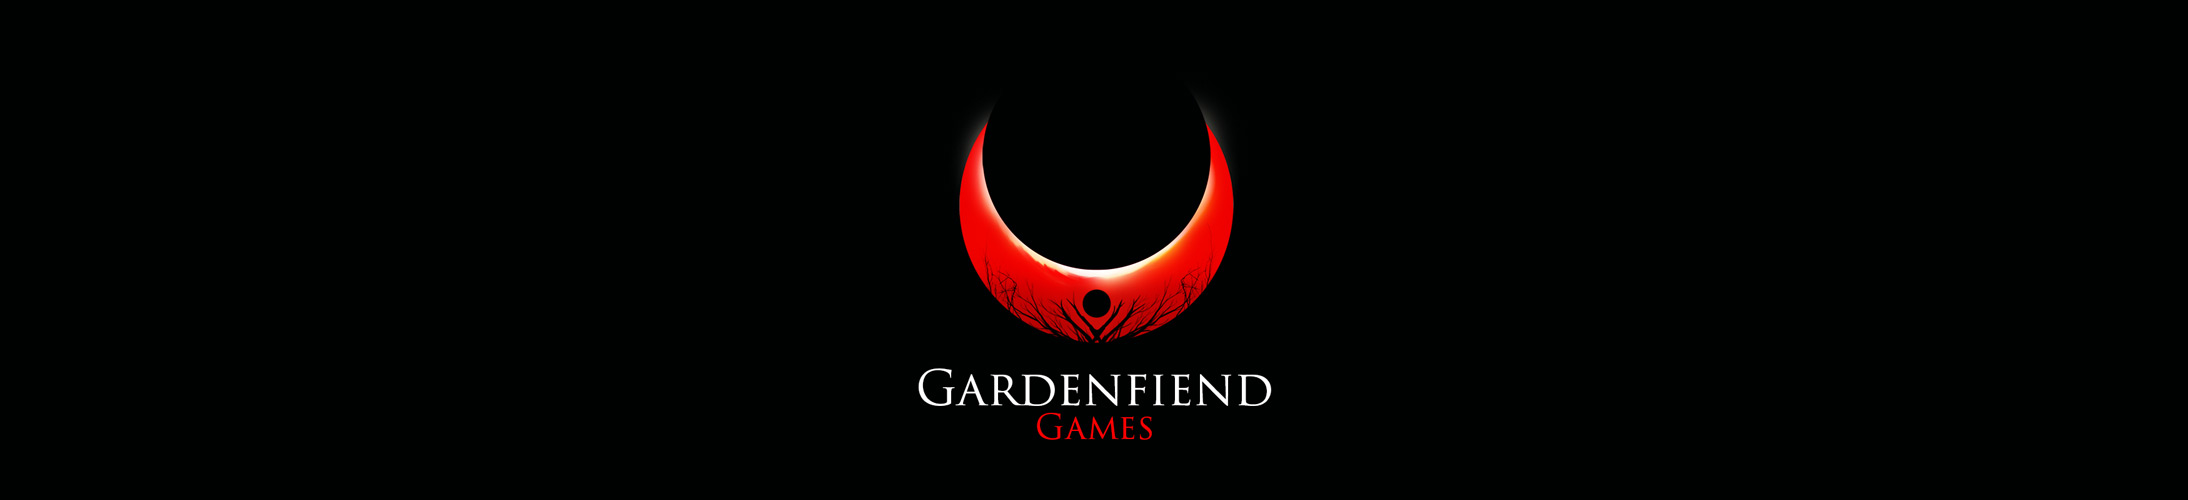 Gardenfiend Games